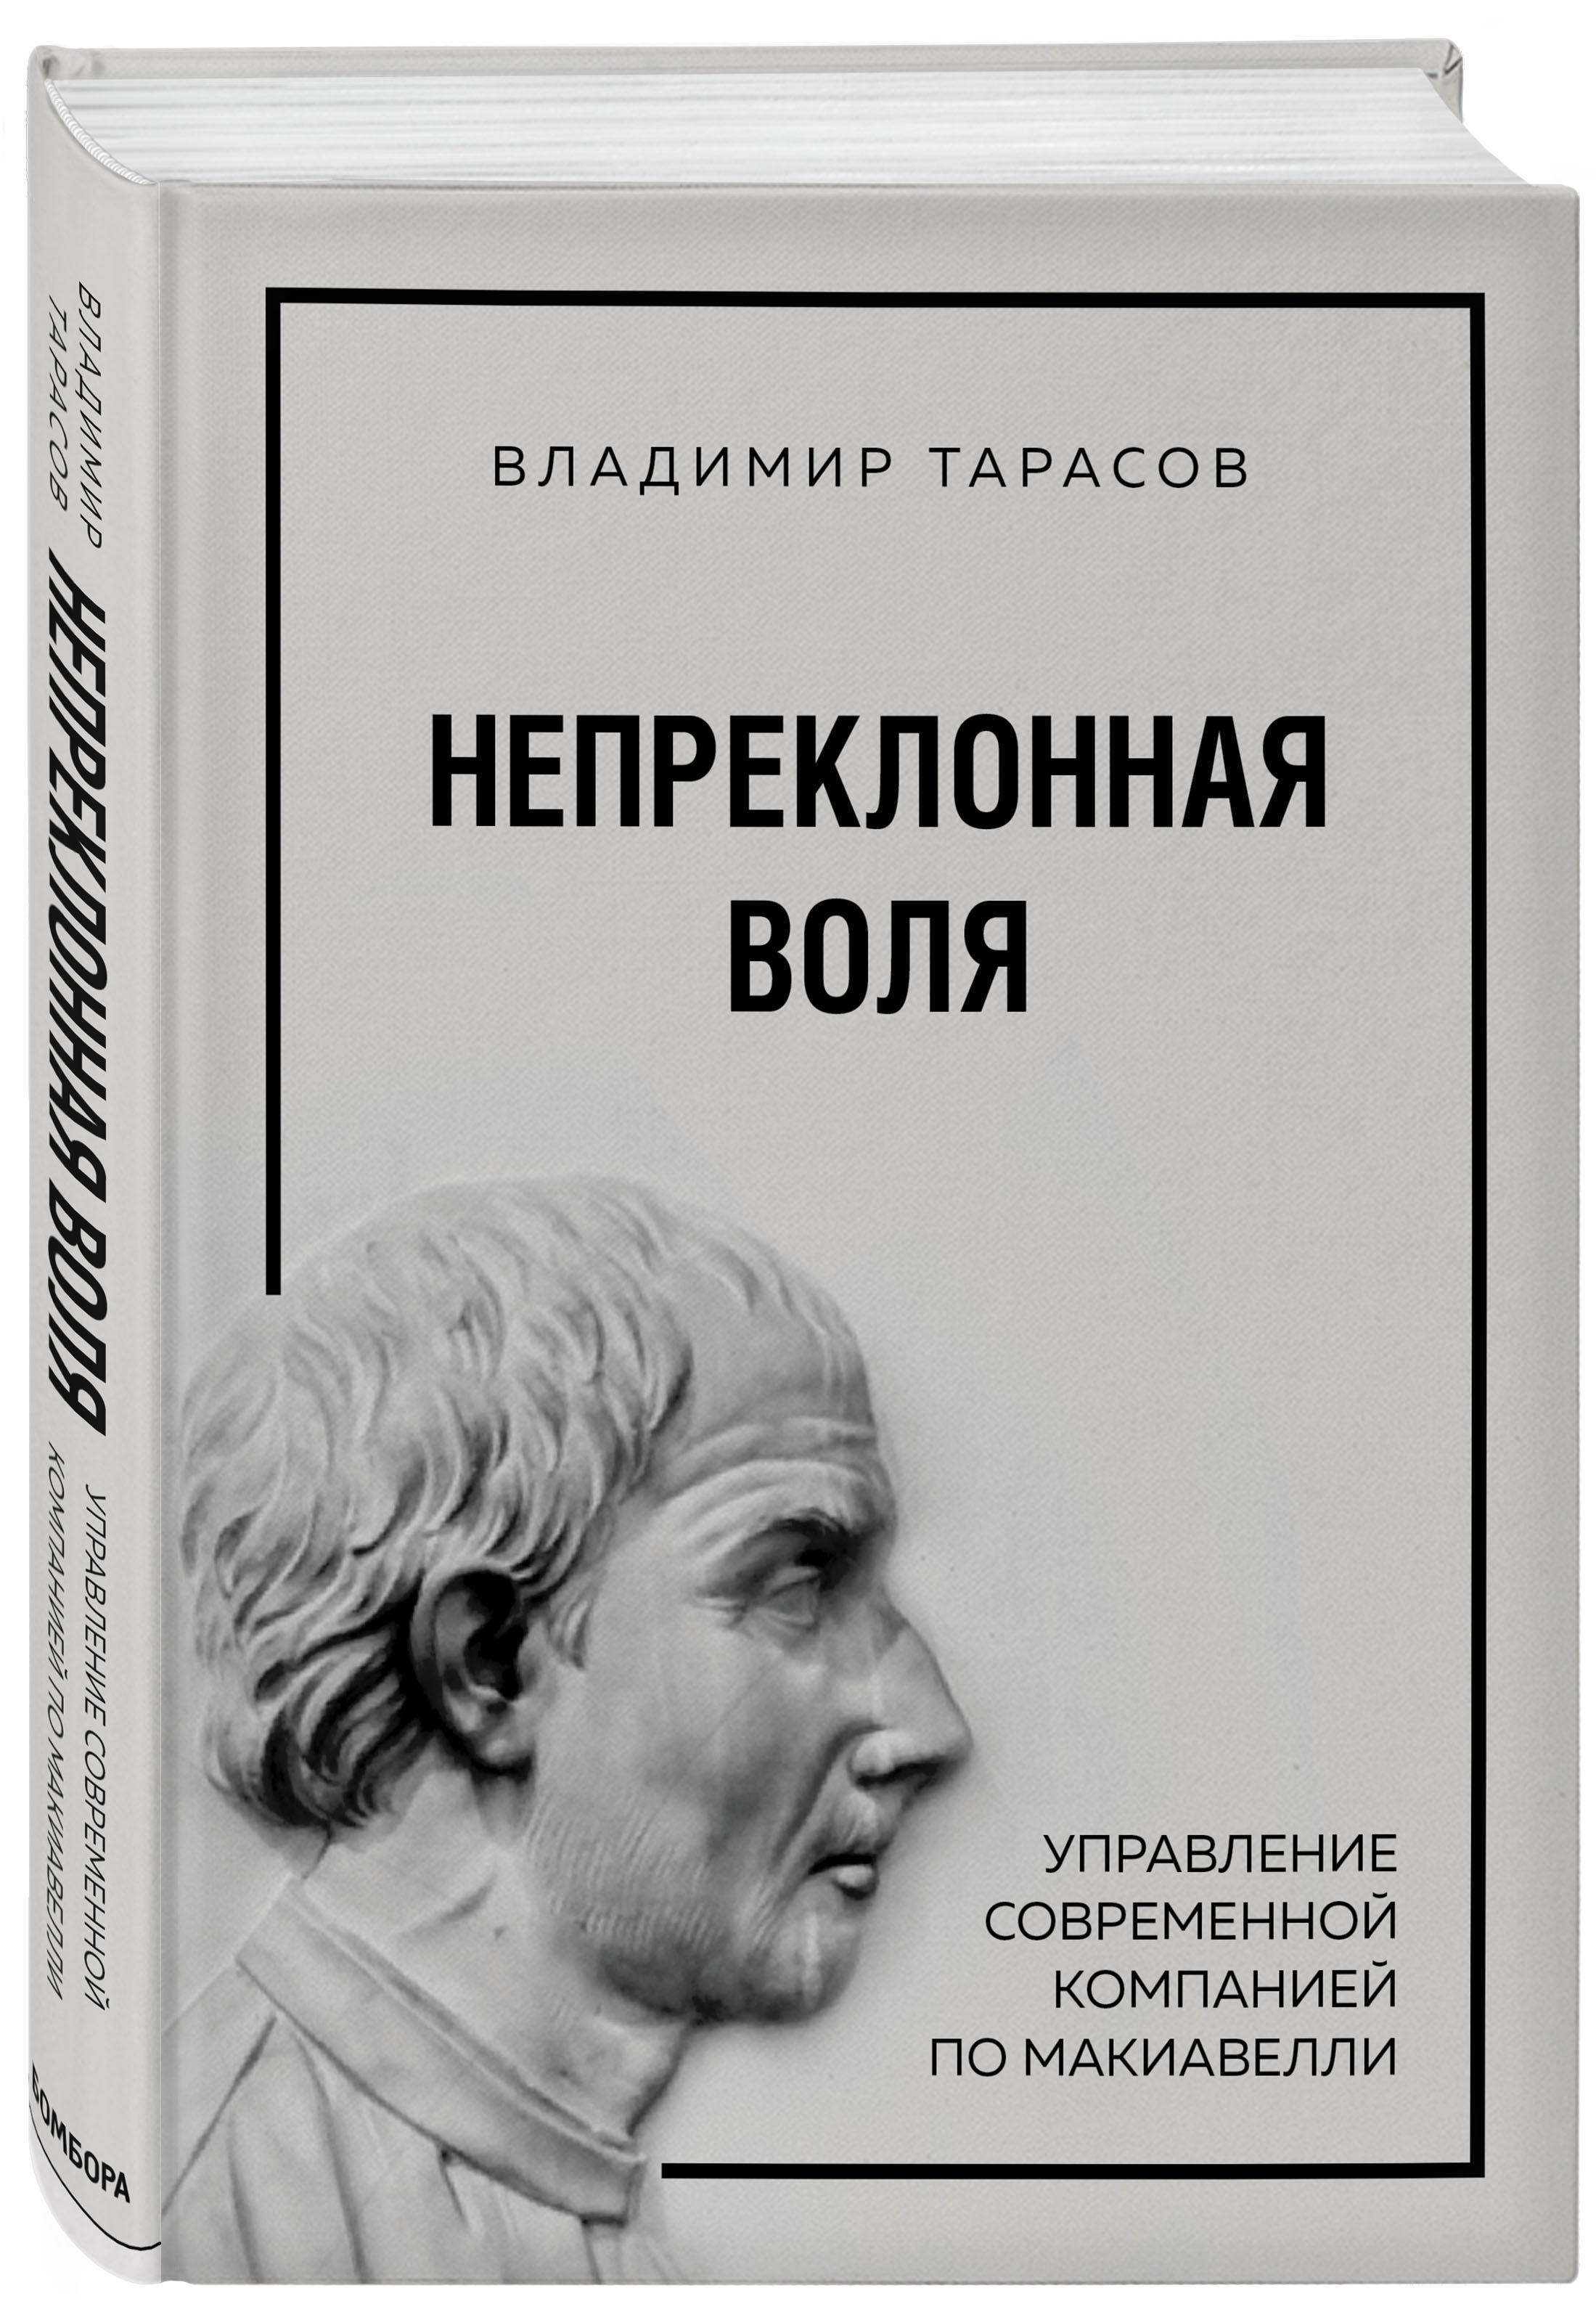 Управление по Макиавелли ( Владимир Тарасов  )